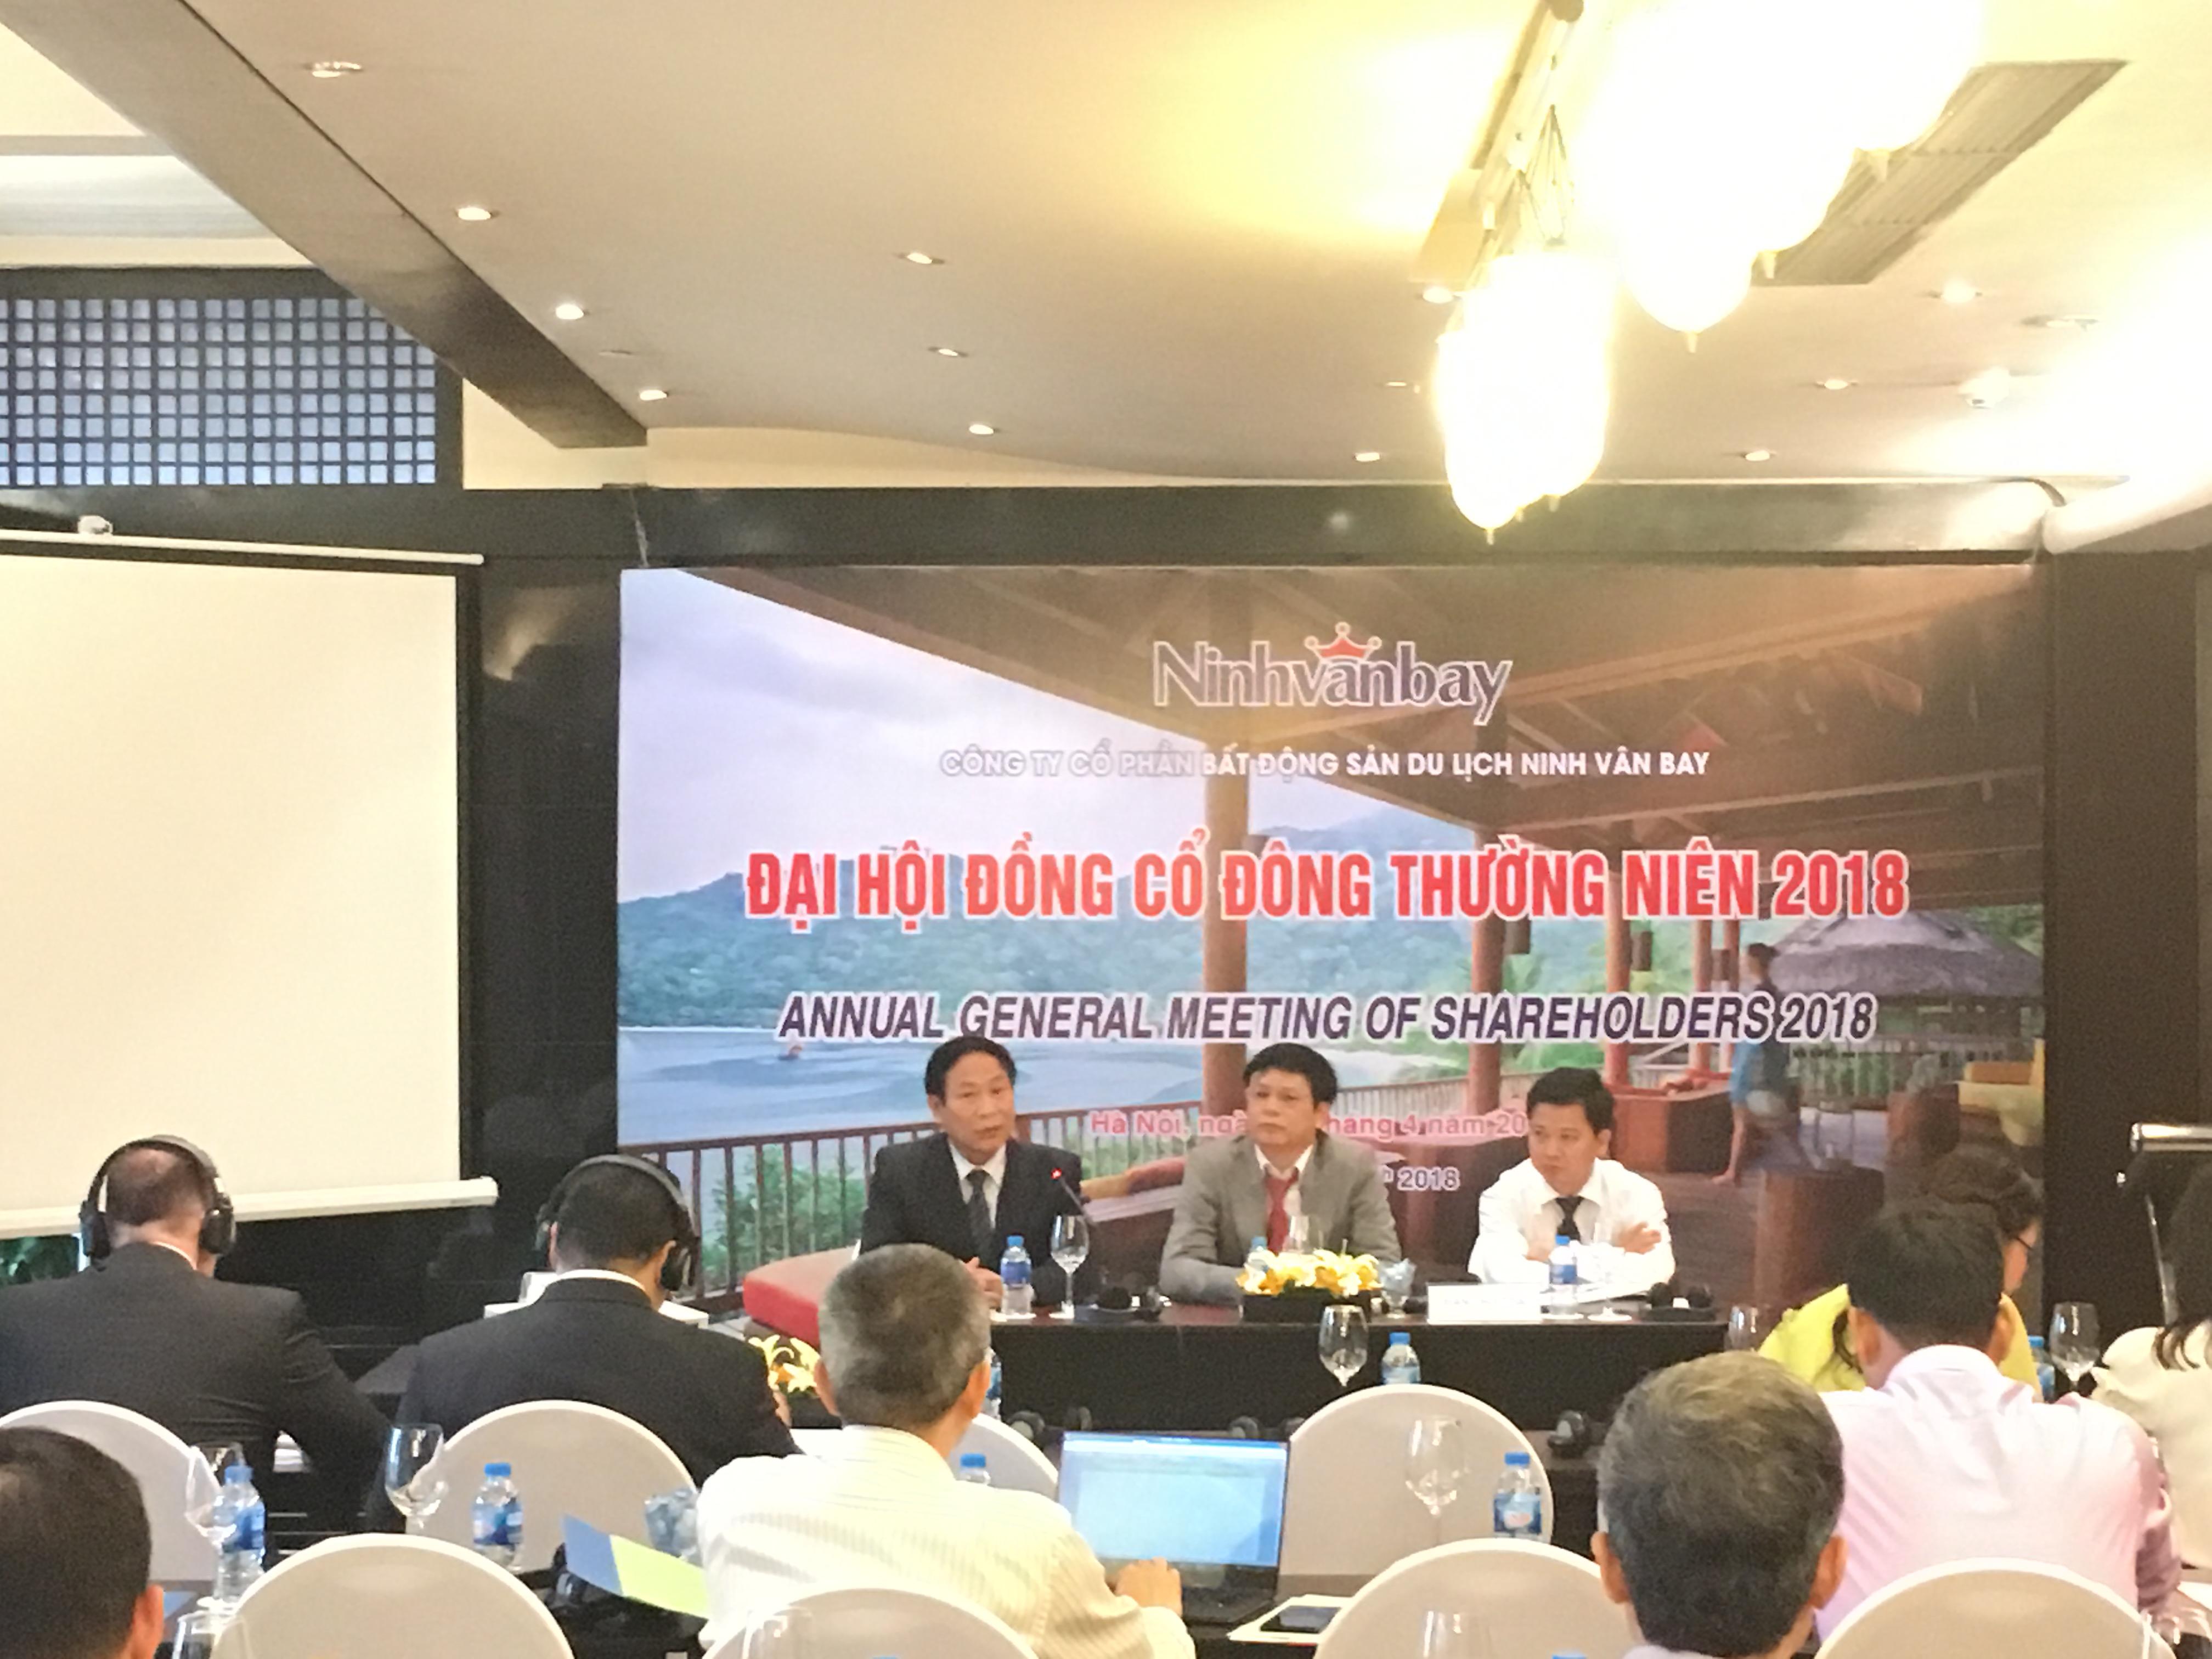 ĐHĐCĐ Ninh Vân Bay: Cổ đông chất vấn tính minh bạch khi cho vay công ty có liên quan đến HĐQT